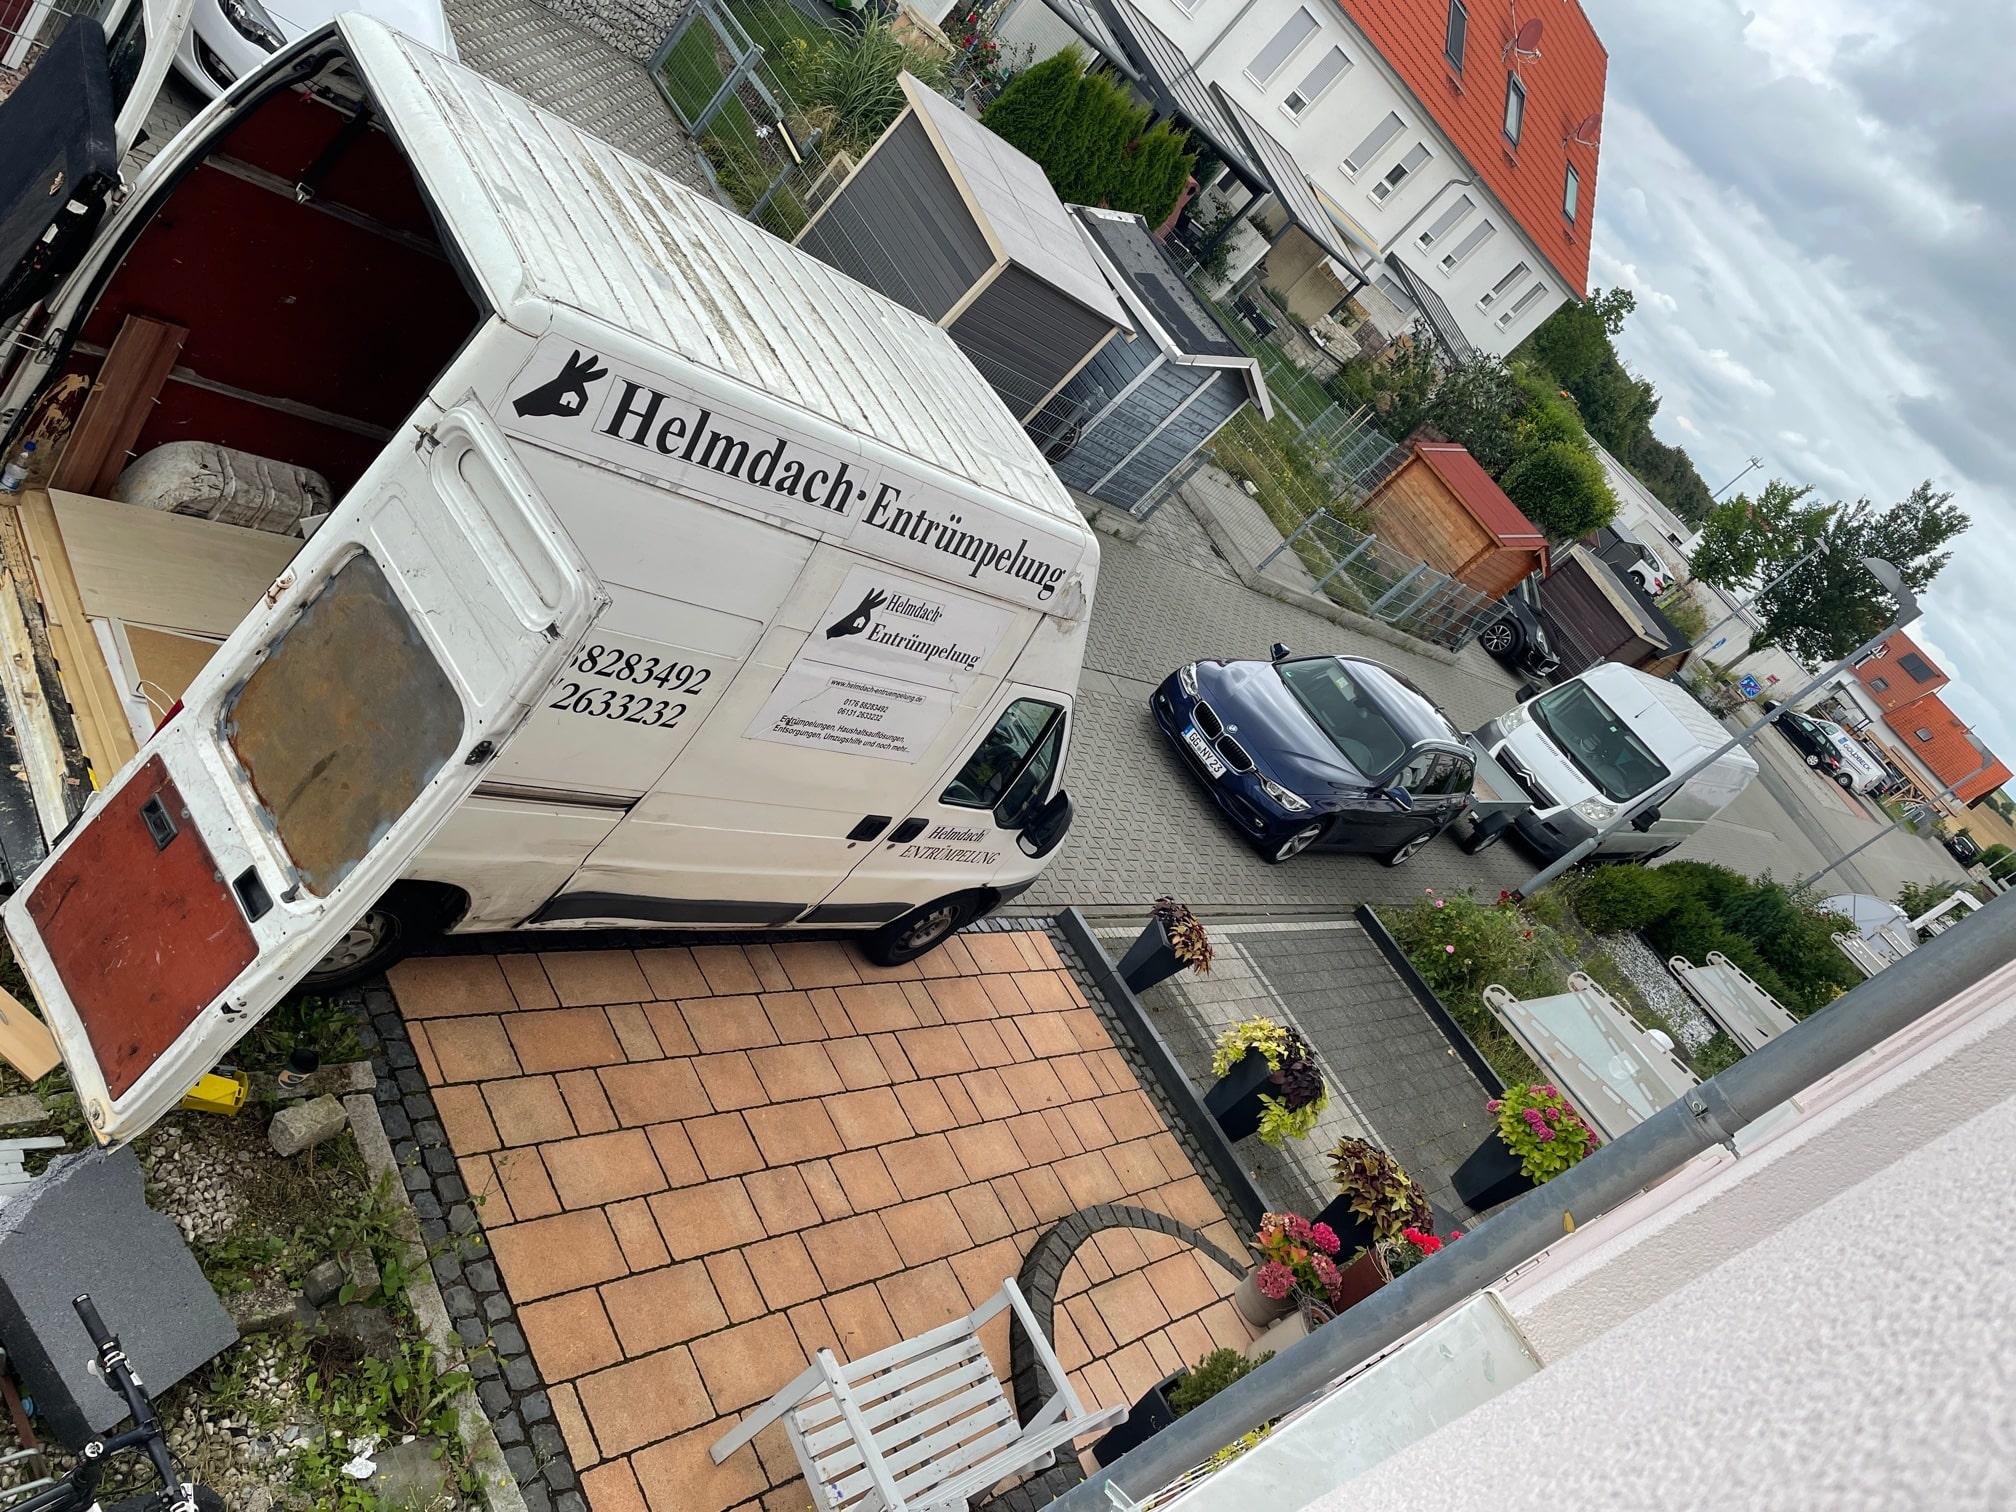 Lokaler Entrümpelungsdienst in Mainz